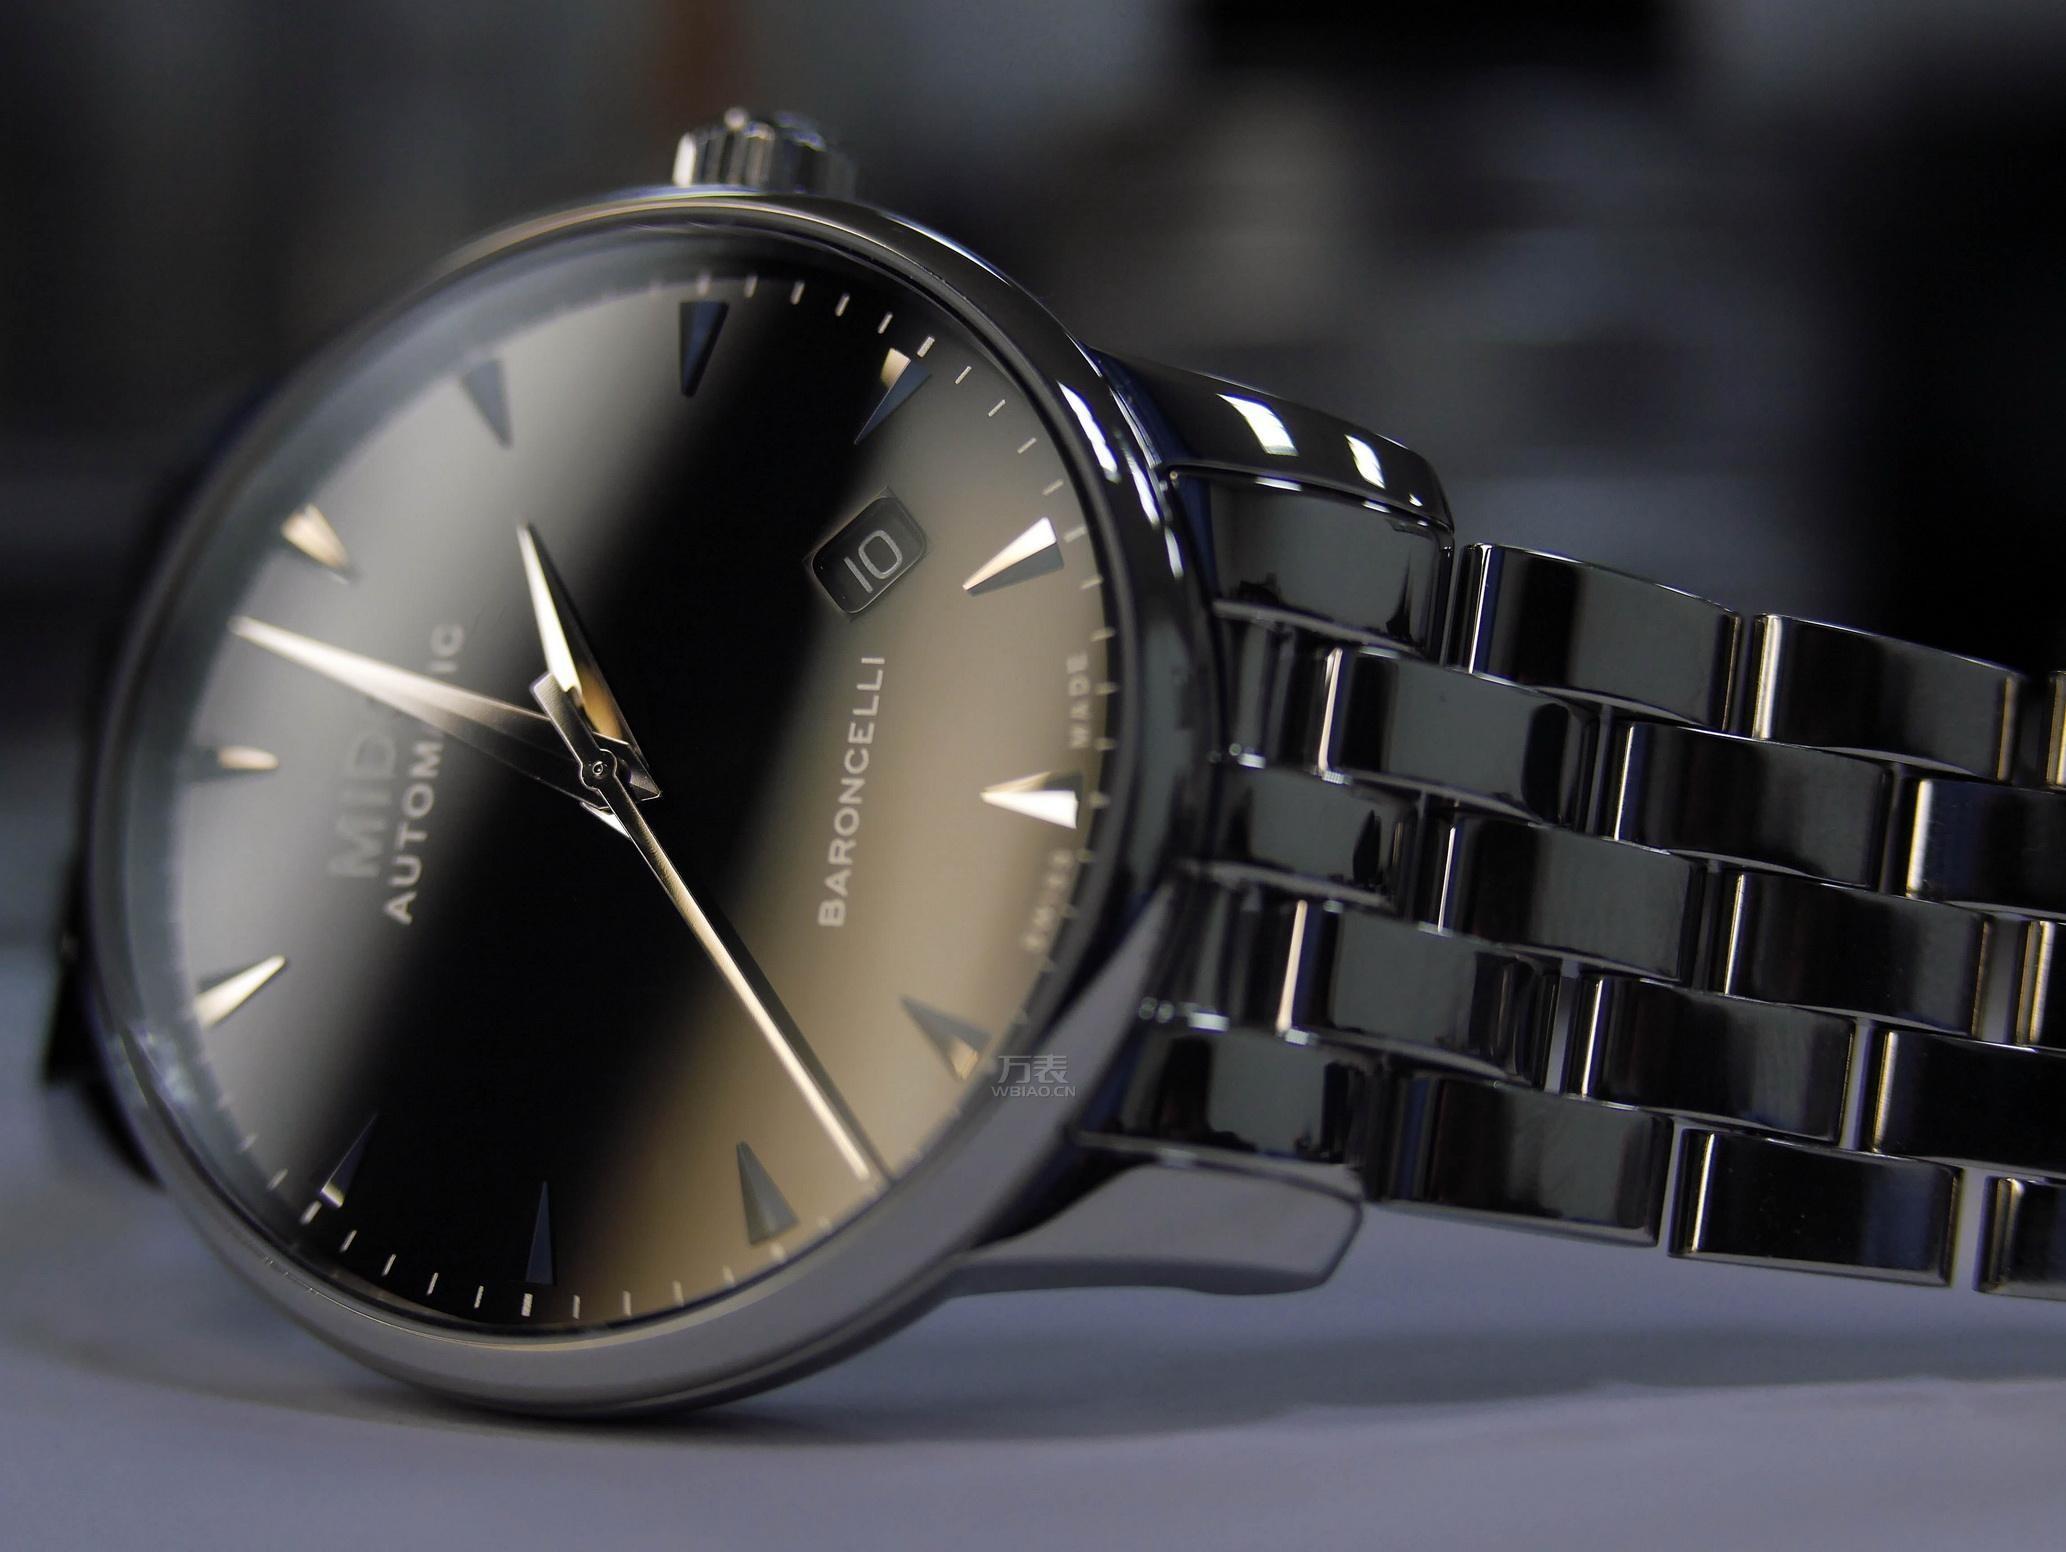 梅花手表的档次怎么样?梅花手表属于什么样的档次